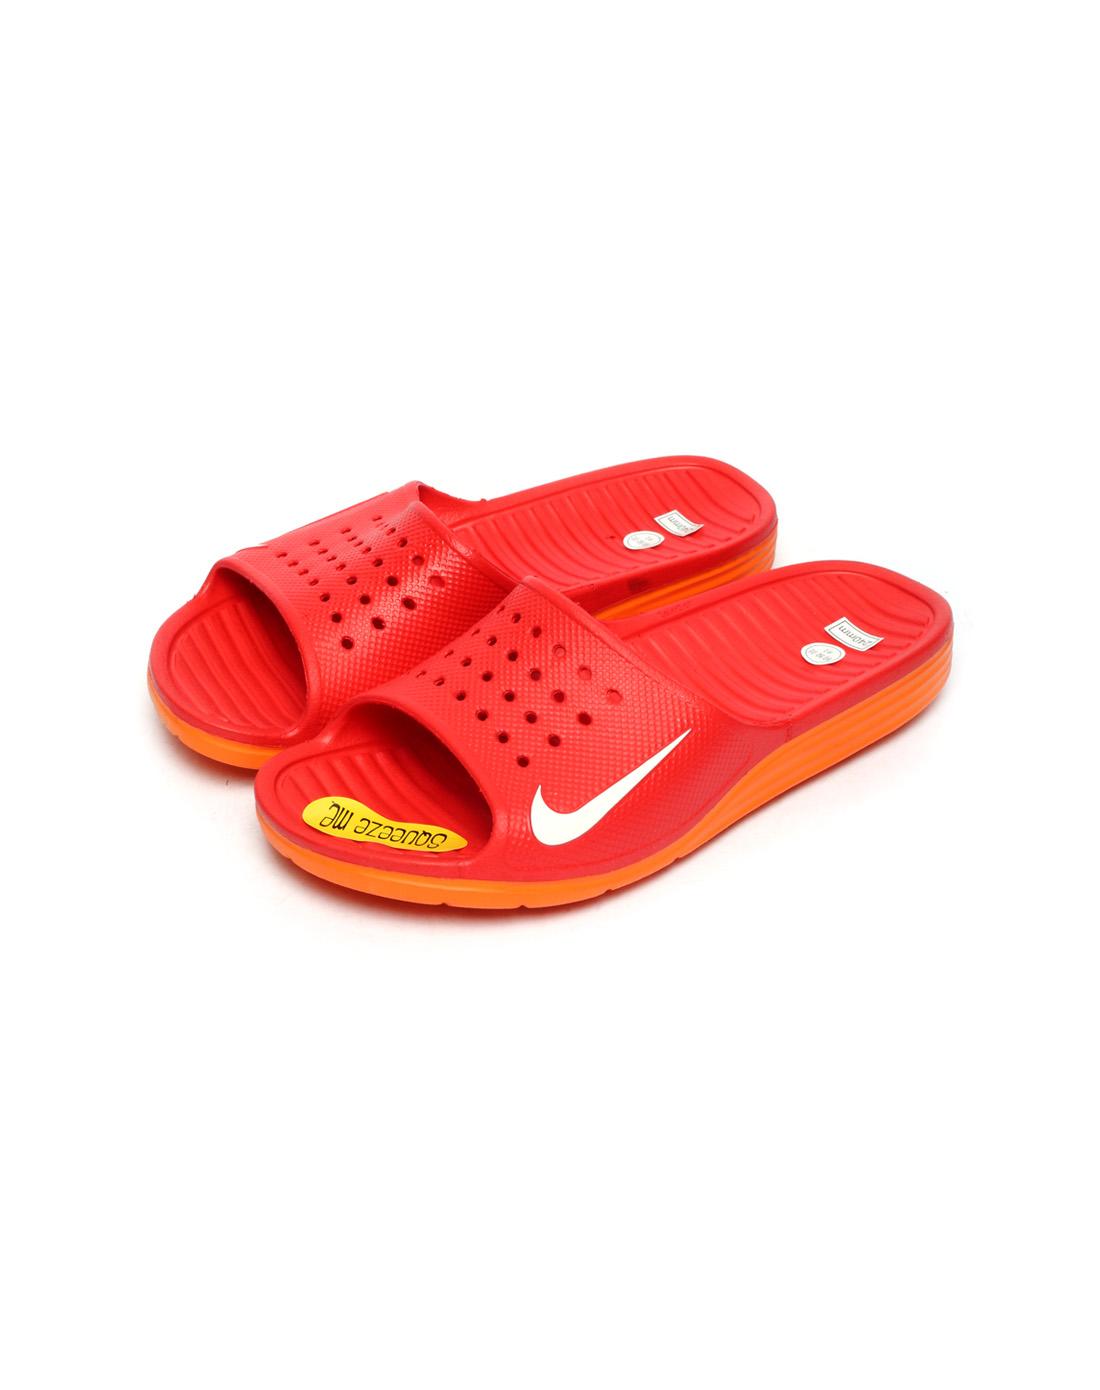 耐克nike-男子红色凉拖鞋386163-603